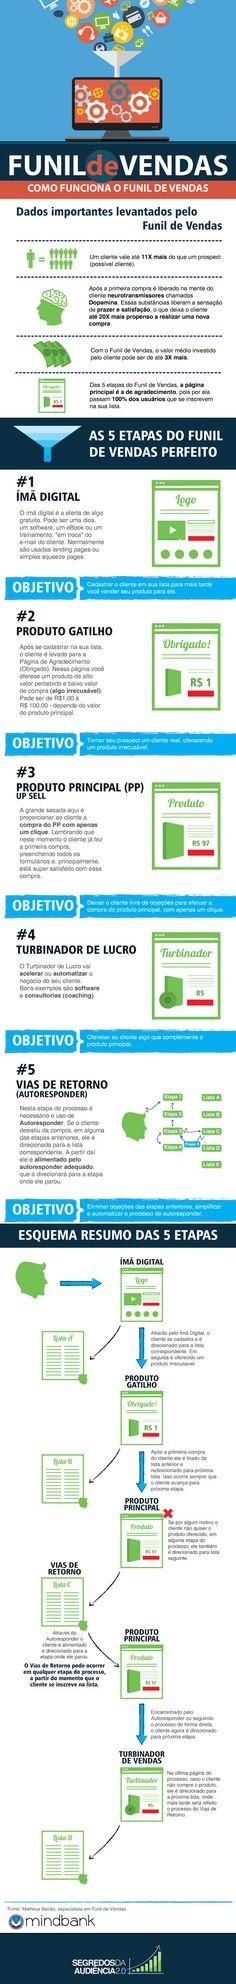 Matheus Beirão compartilhou comigo todas as estratégias do Funil de Vendas. Confira a entrevista e baixe gratuitamente o infográfico que criei com elas!